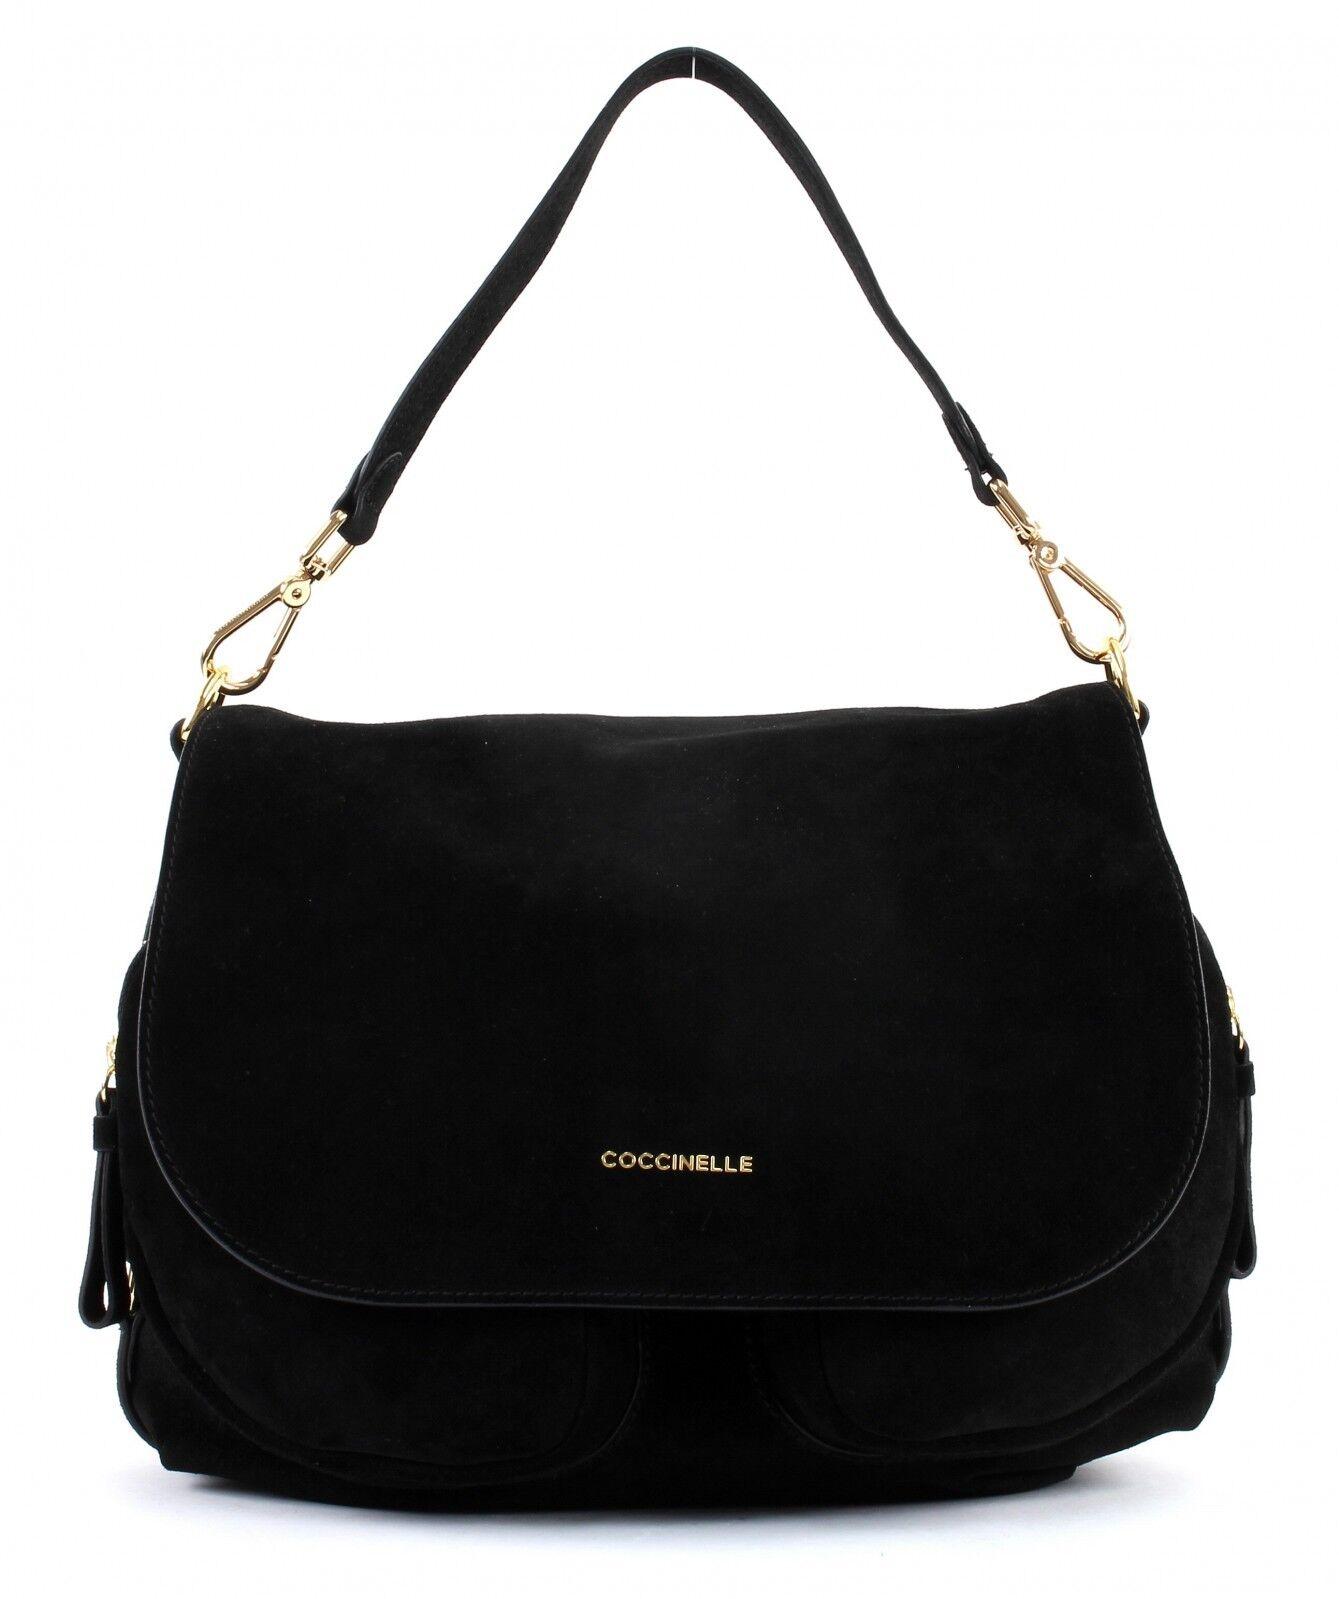 COCCINELLE Janine Suede Shoulder Bag Schultertasche Tasche schwarz schwarz schwarz Schwarz Neu   Schön geformt    Niedriger Preis    Online Outlet Shop  d36b1d